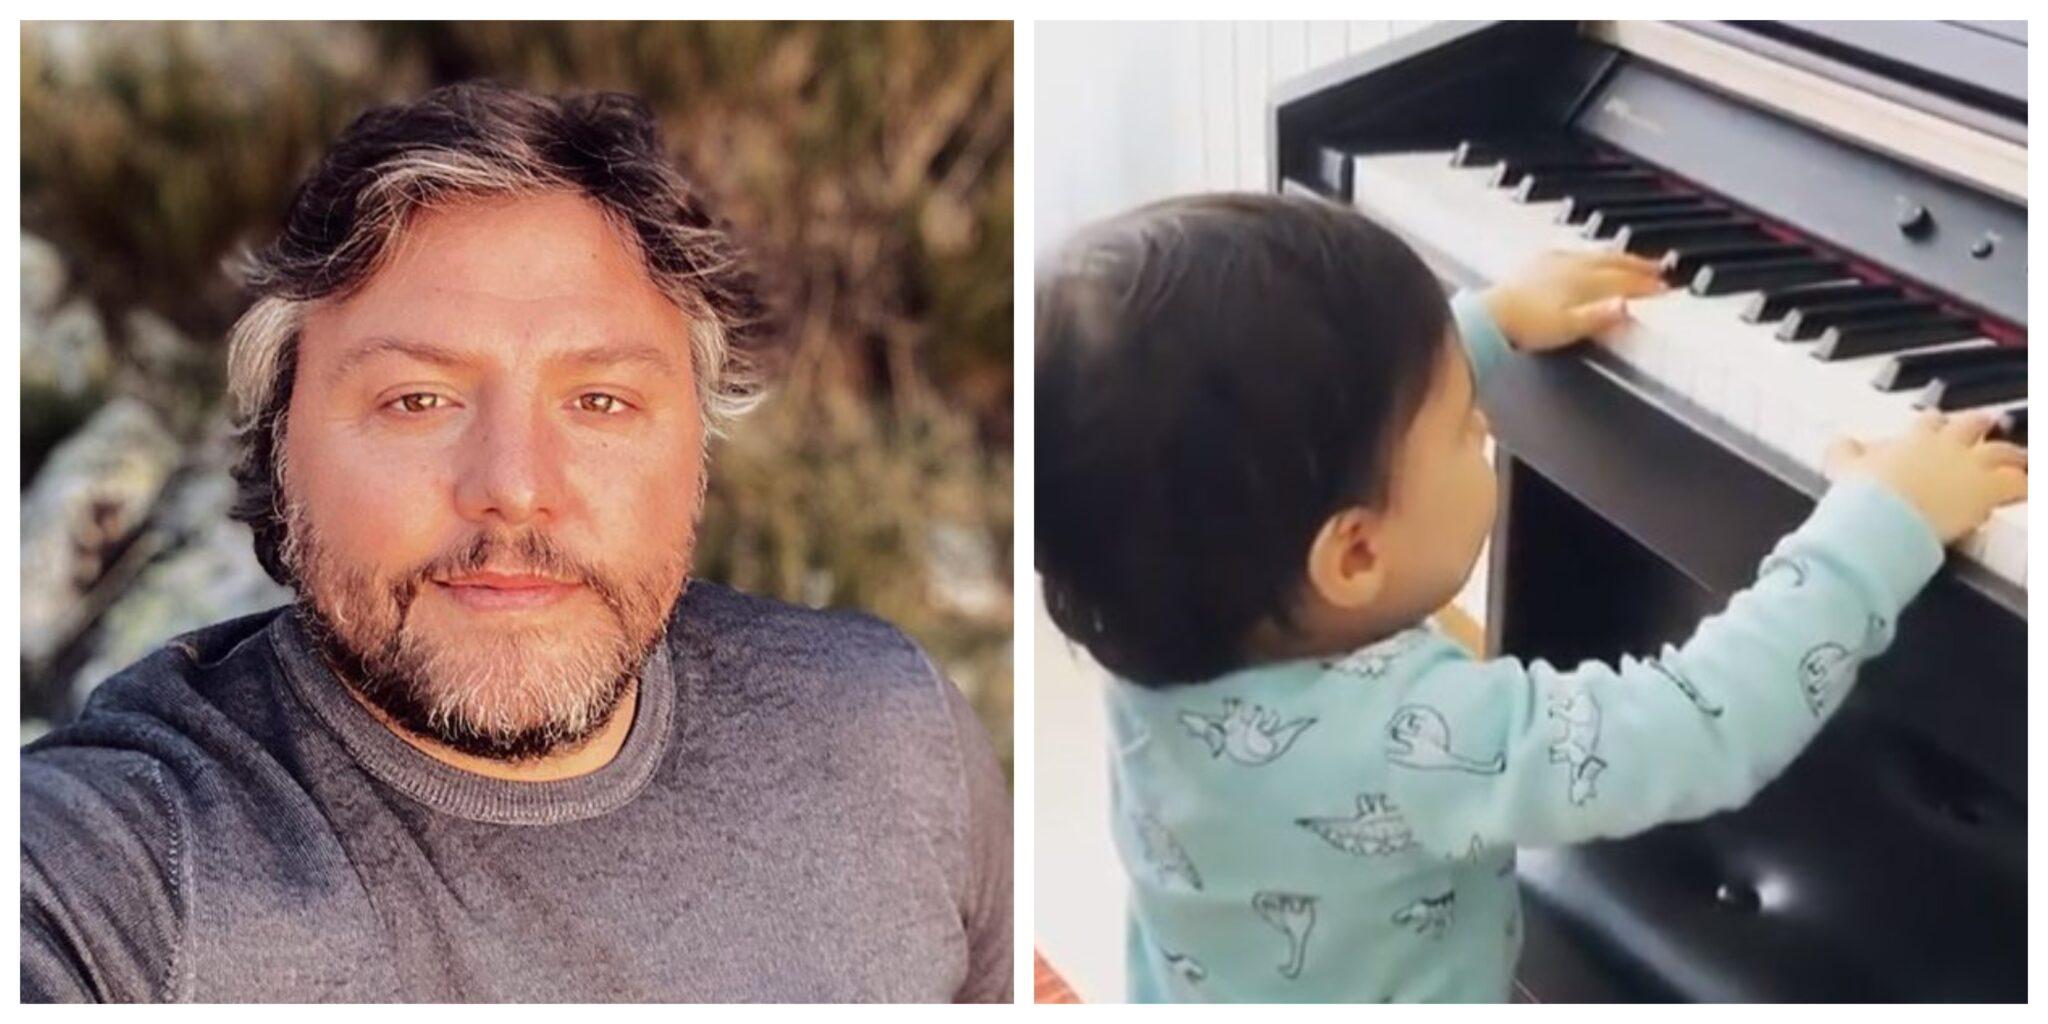 Cesar Mourao E Filho Scaled César Mourão Partilha Vídeo Do Filho A Tocar Piano E Fãs Reagem: &Quot;Temos Artista&Quot;